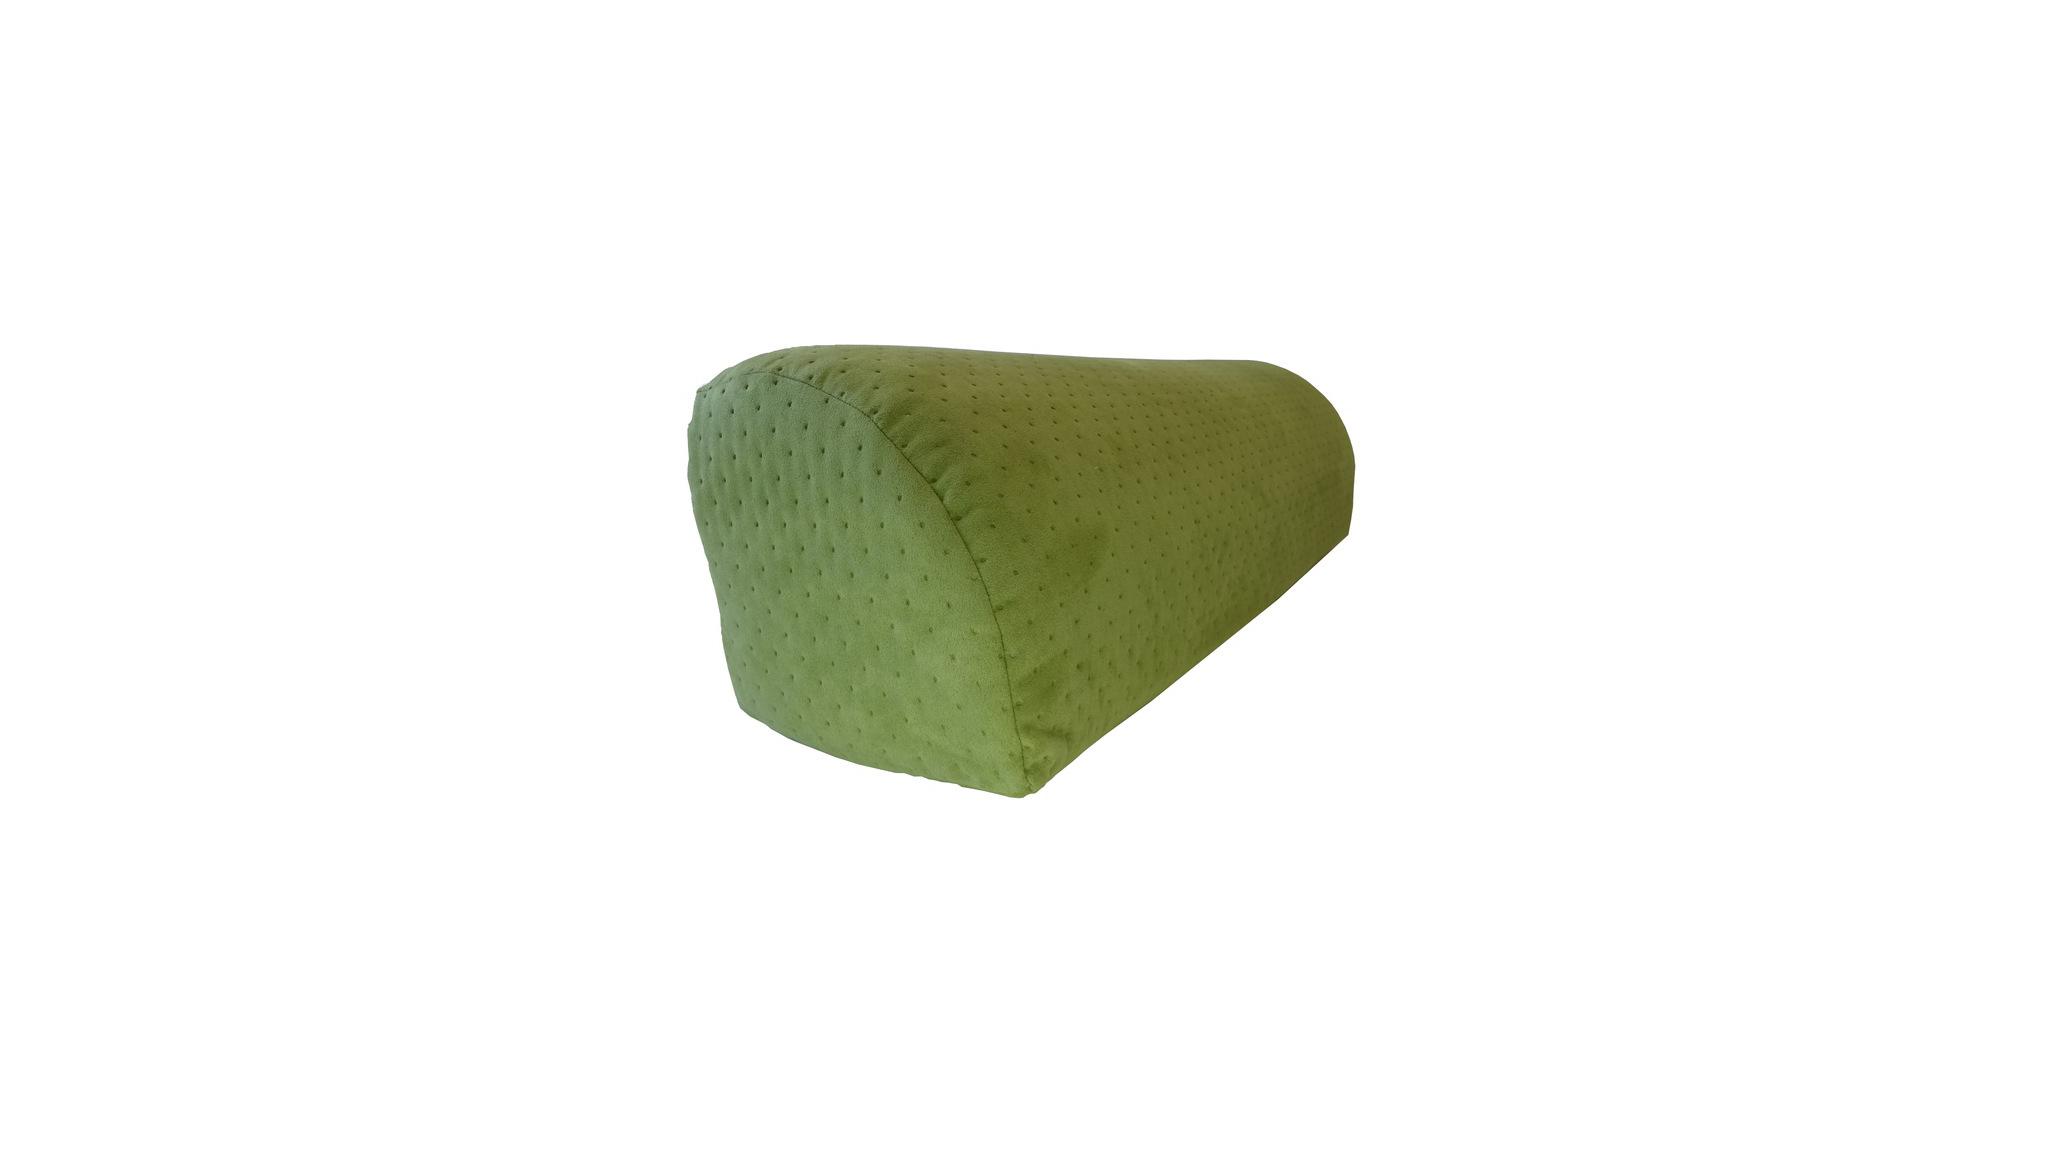 Zaglowek-Ochraniacz-Piankowy-Na-Lozko-Zielony-1